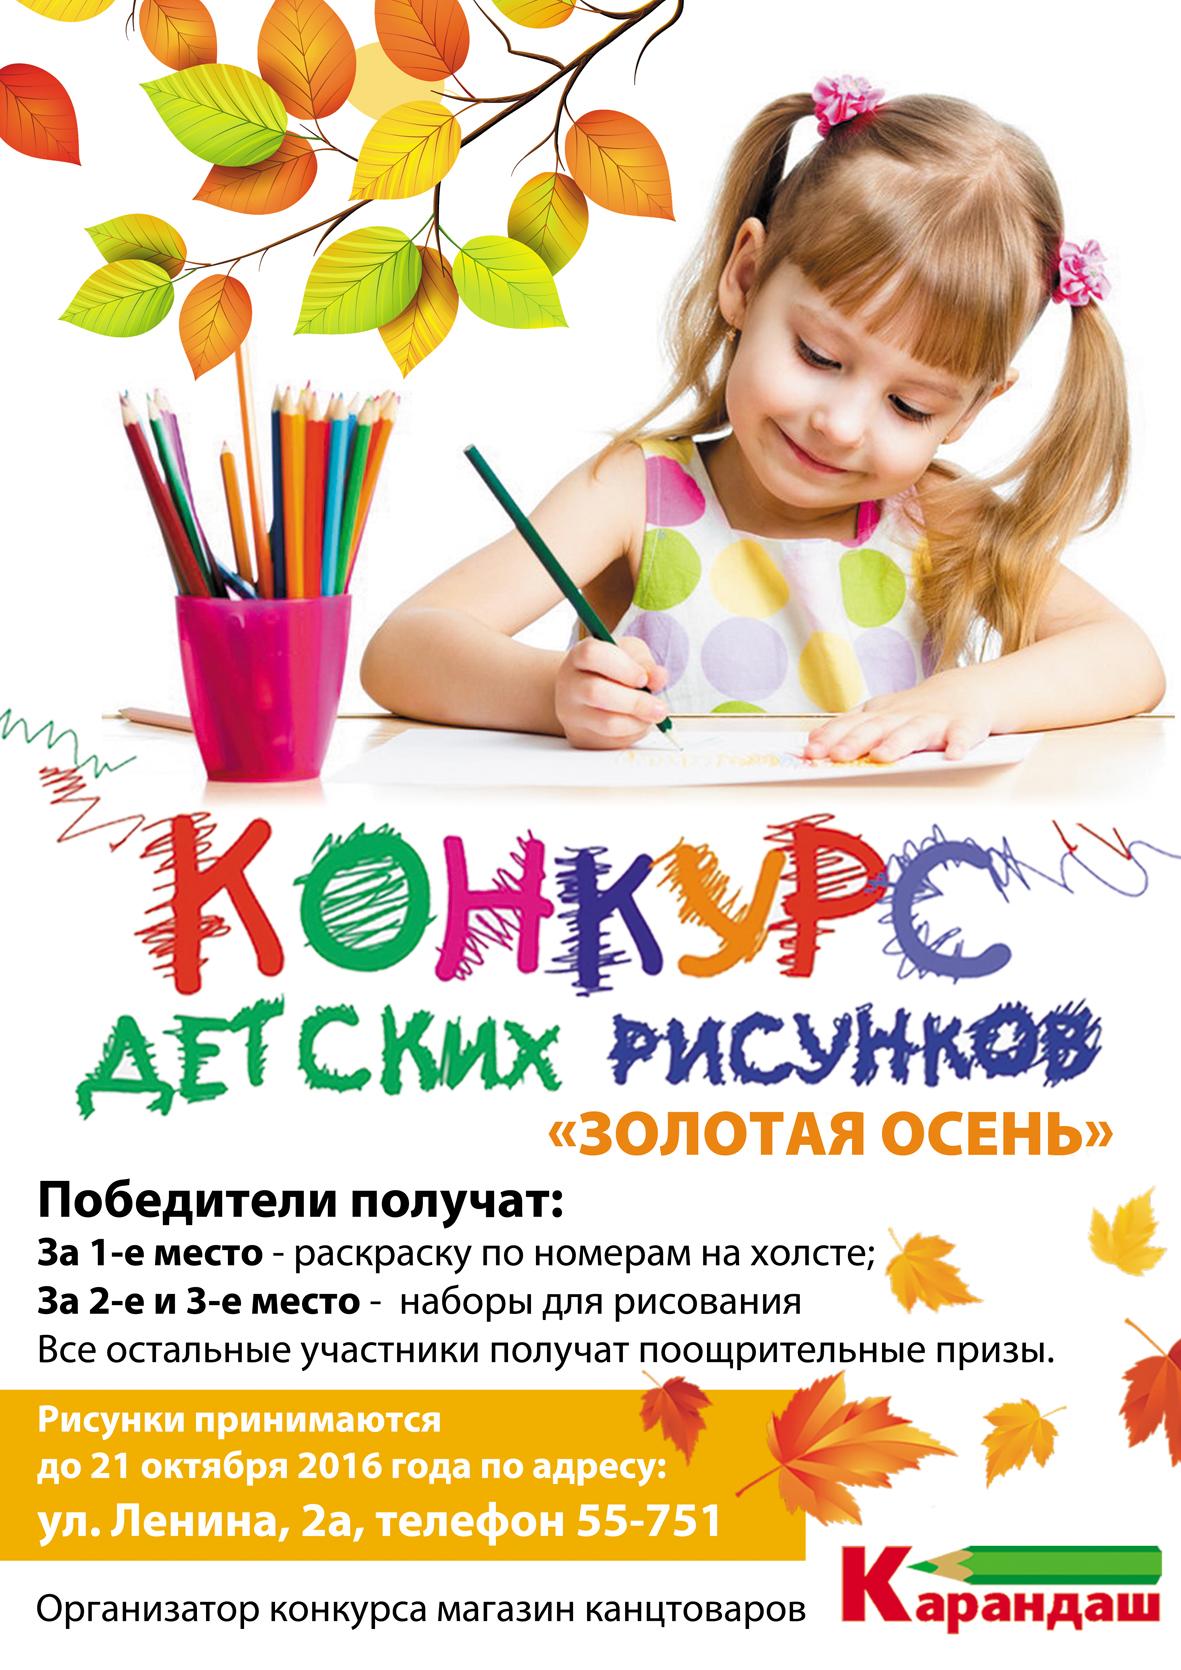 Конкурс детских рисунков приз